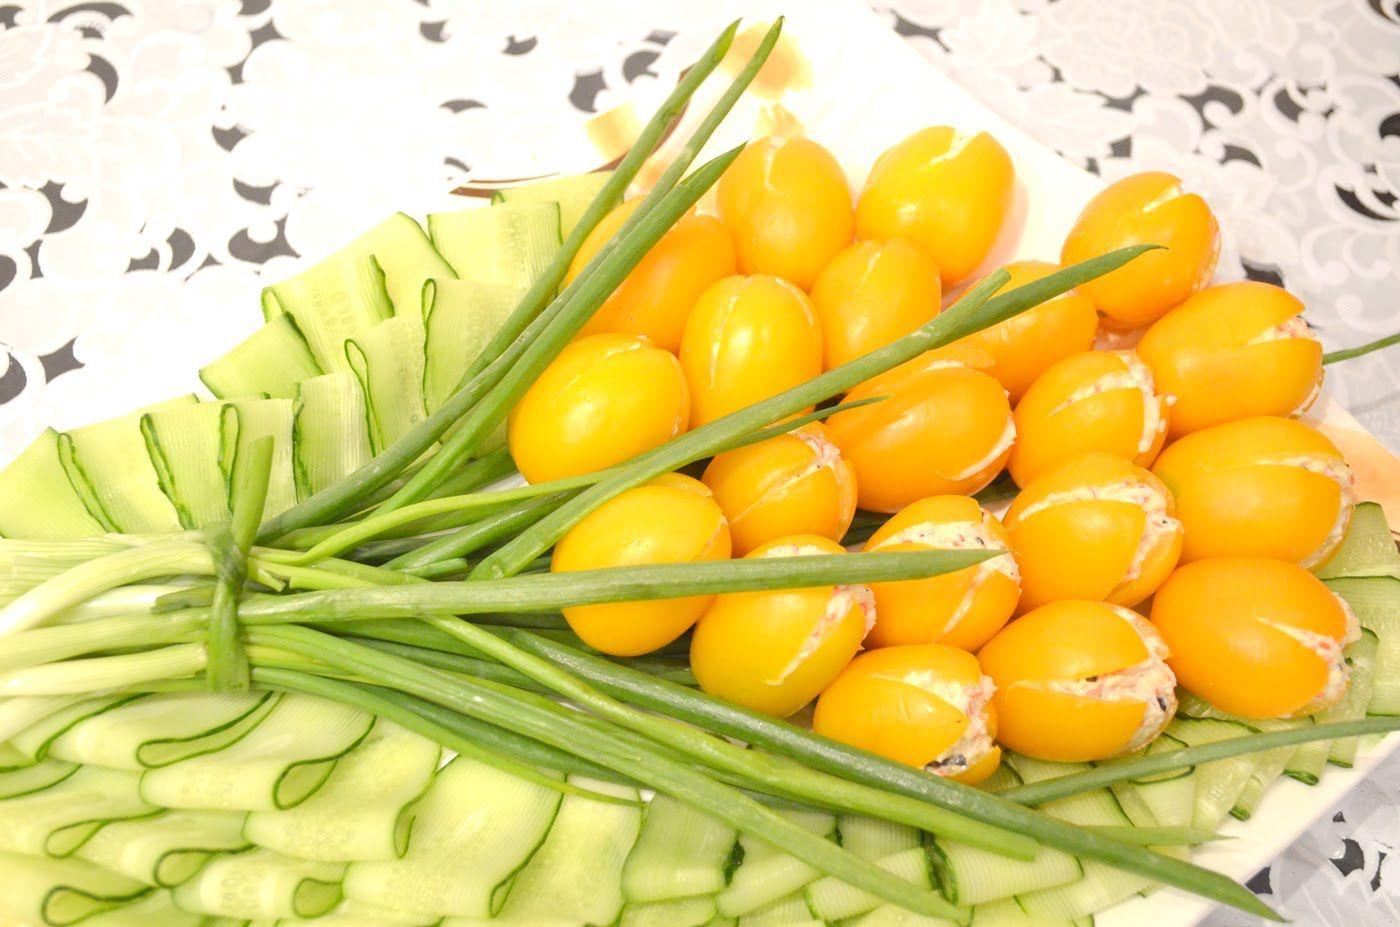 разбившемся посадочном салат тюльпаны фото рецепт всем остальным галушки